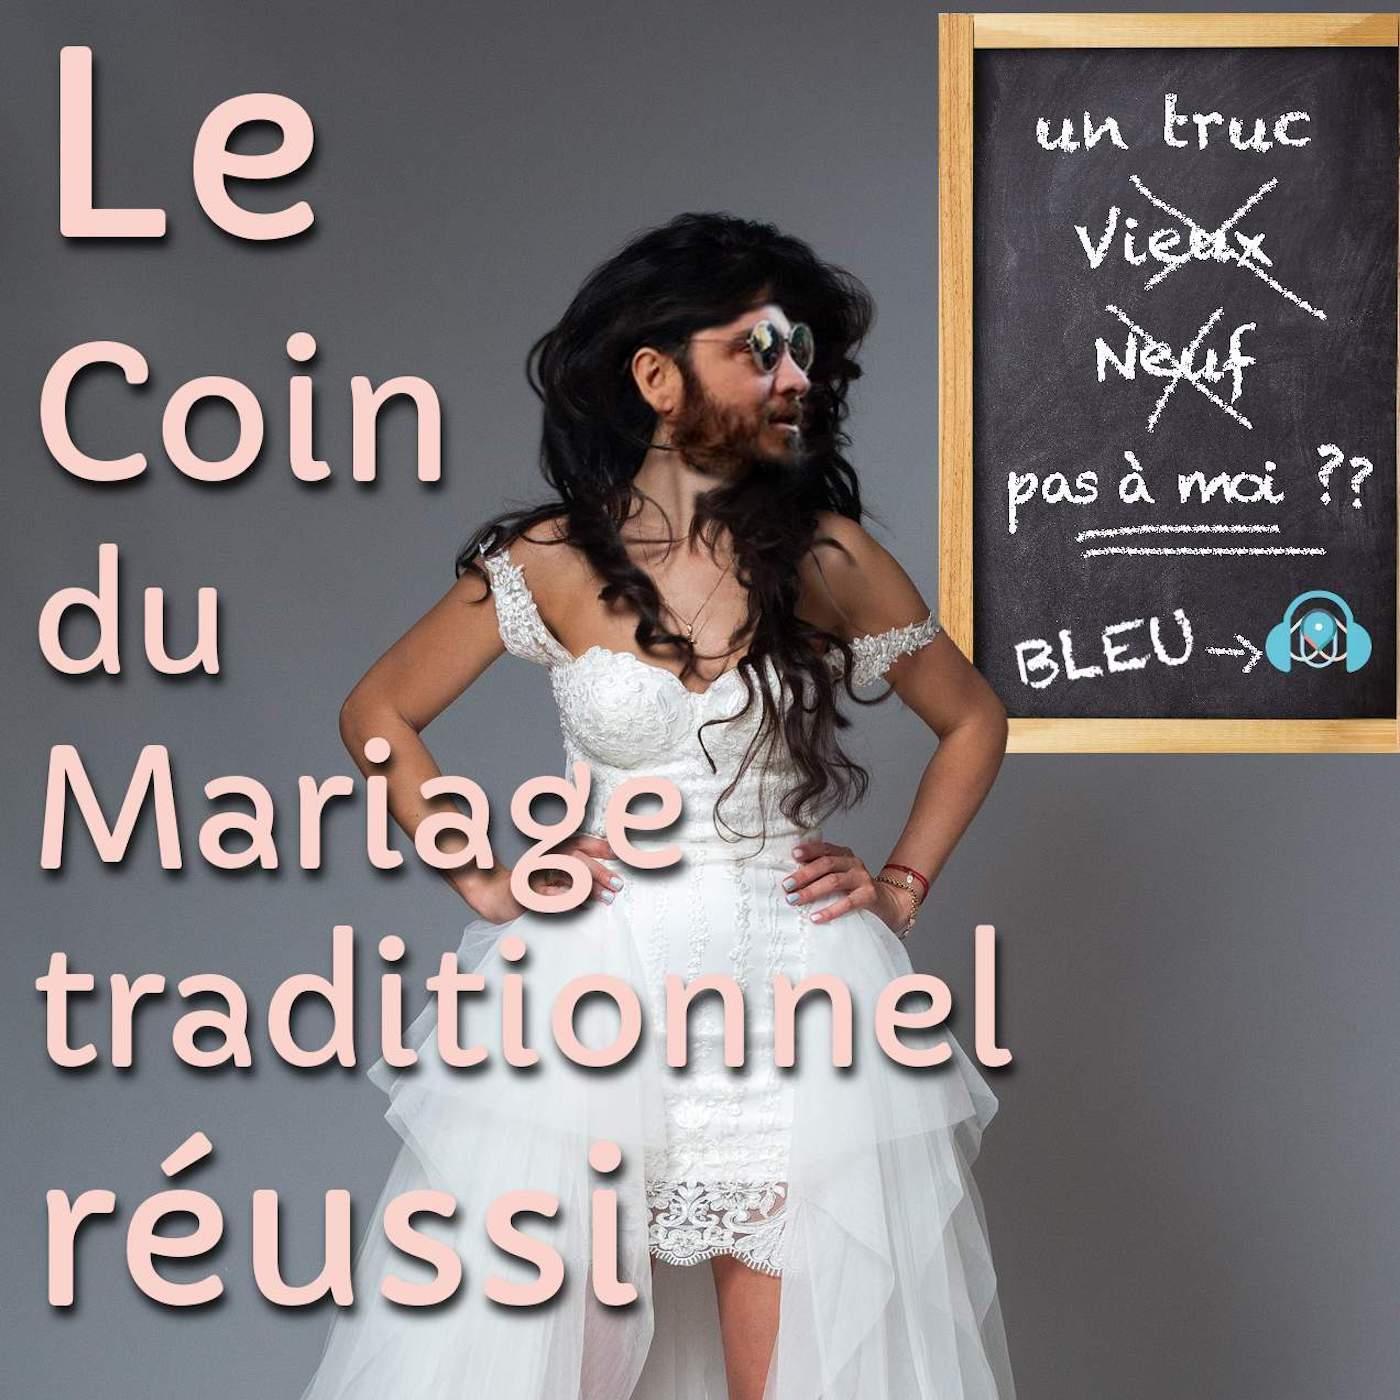 LE COIN DU MARIAGE TRADITIONNEL RÉUSSI S1E20 - Mariage pépouse